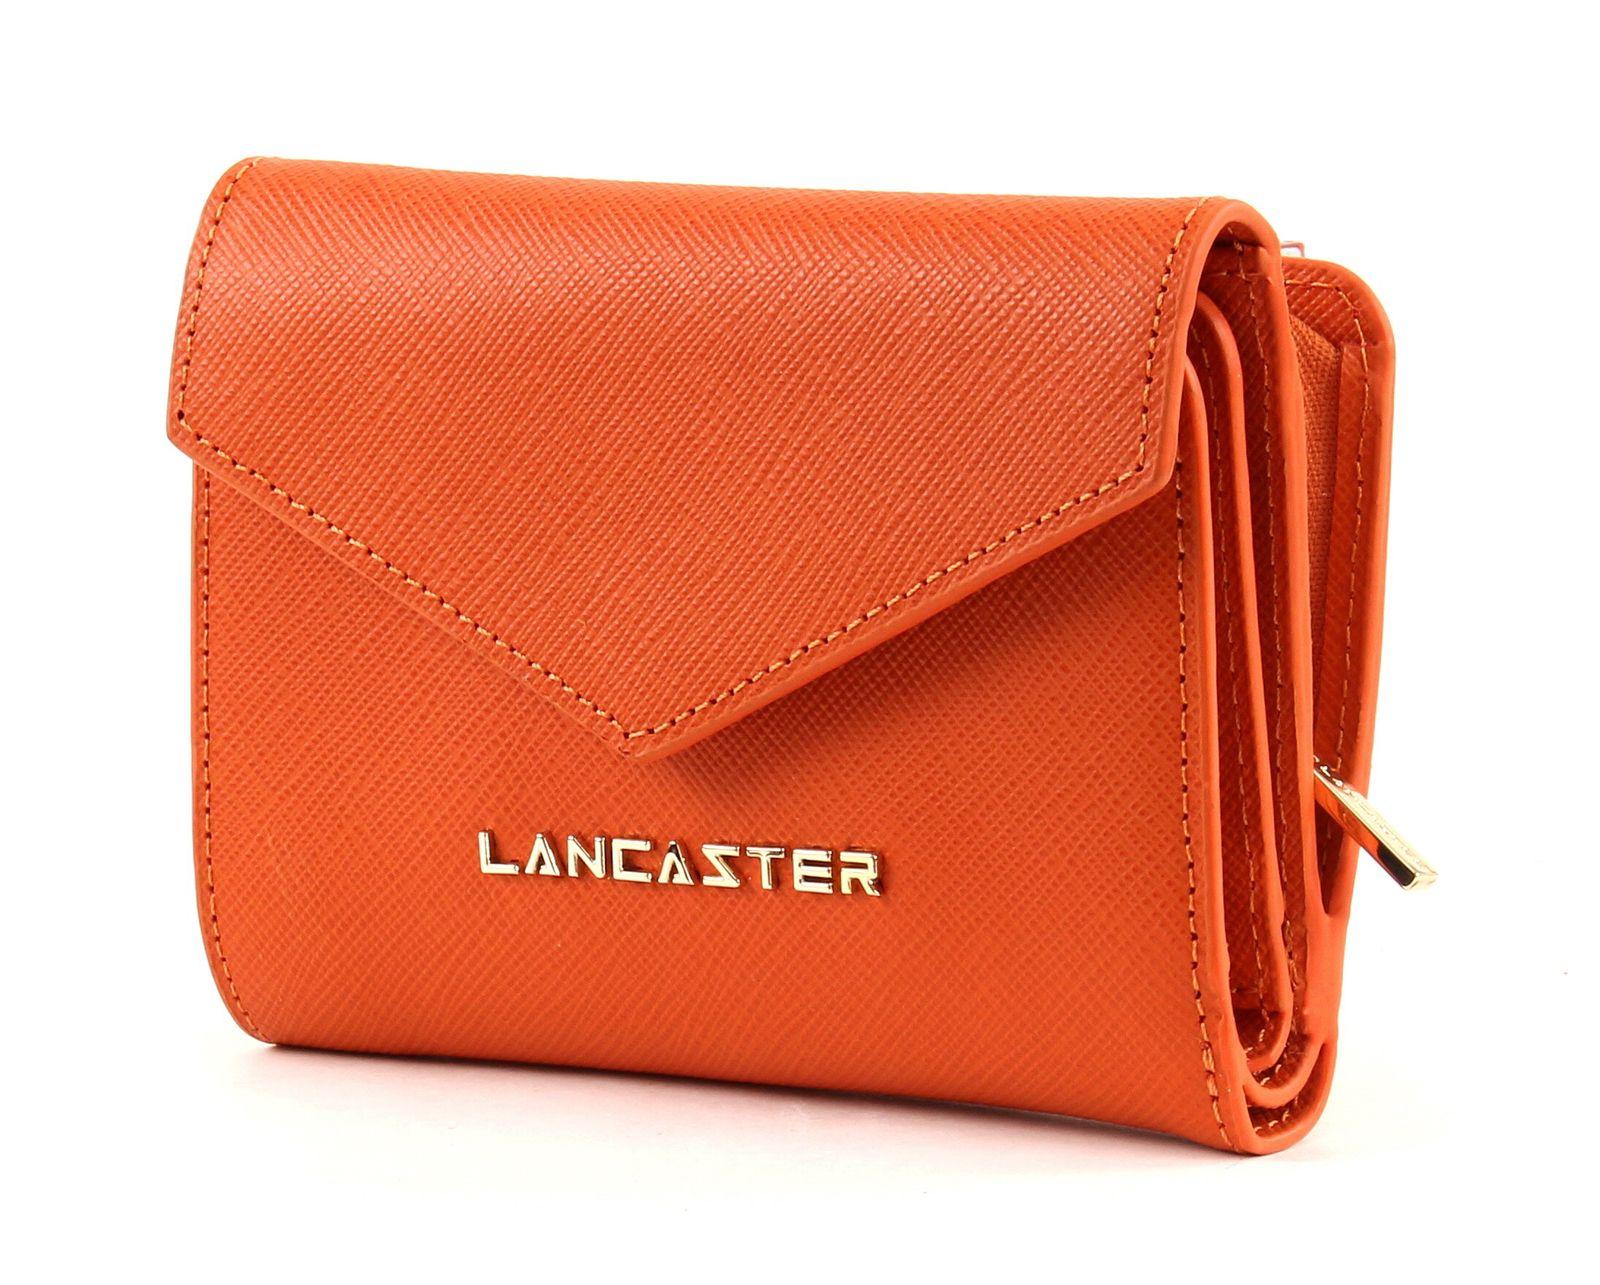 LANCASTER Adeline Flap Wallet Orange